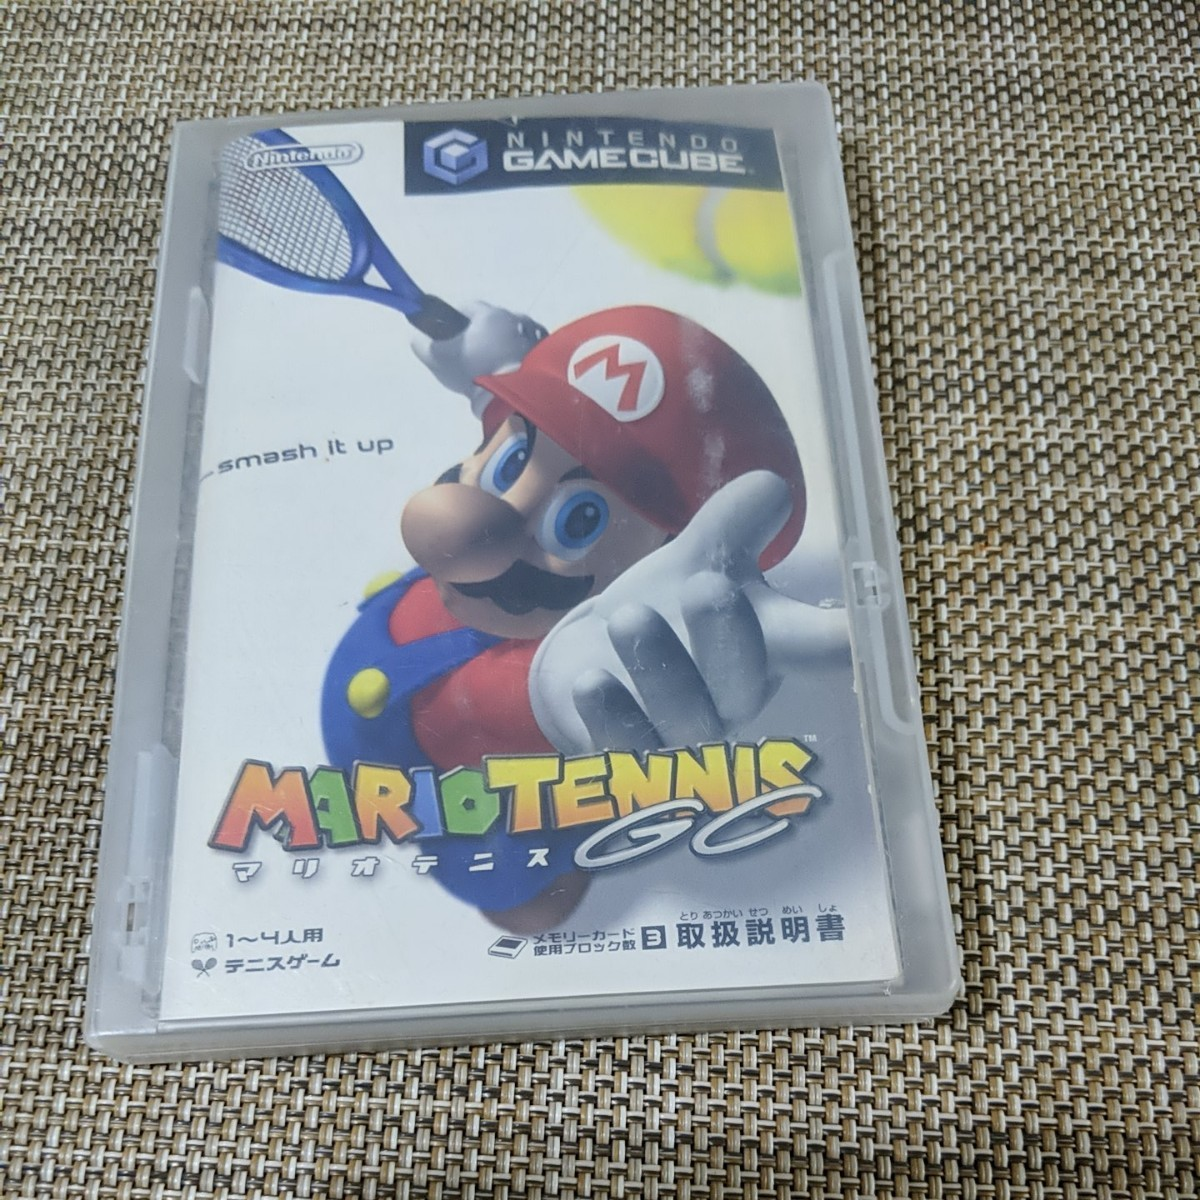 ニンテンドーゲームキューブ マリオテニス